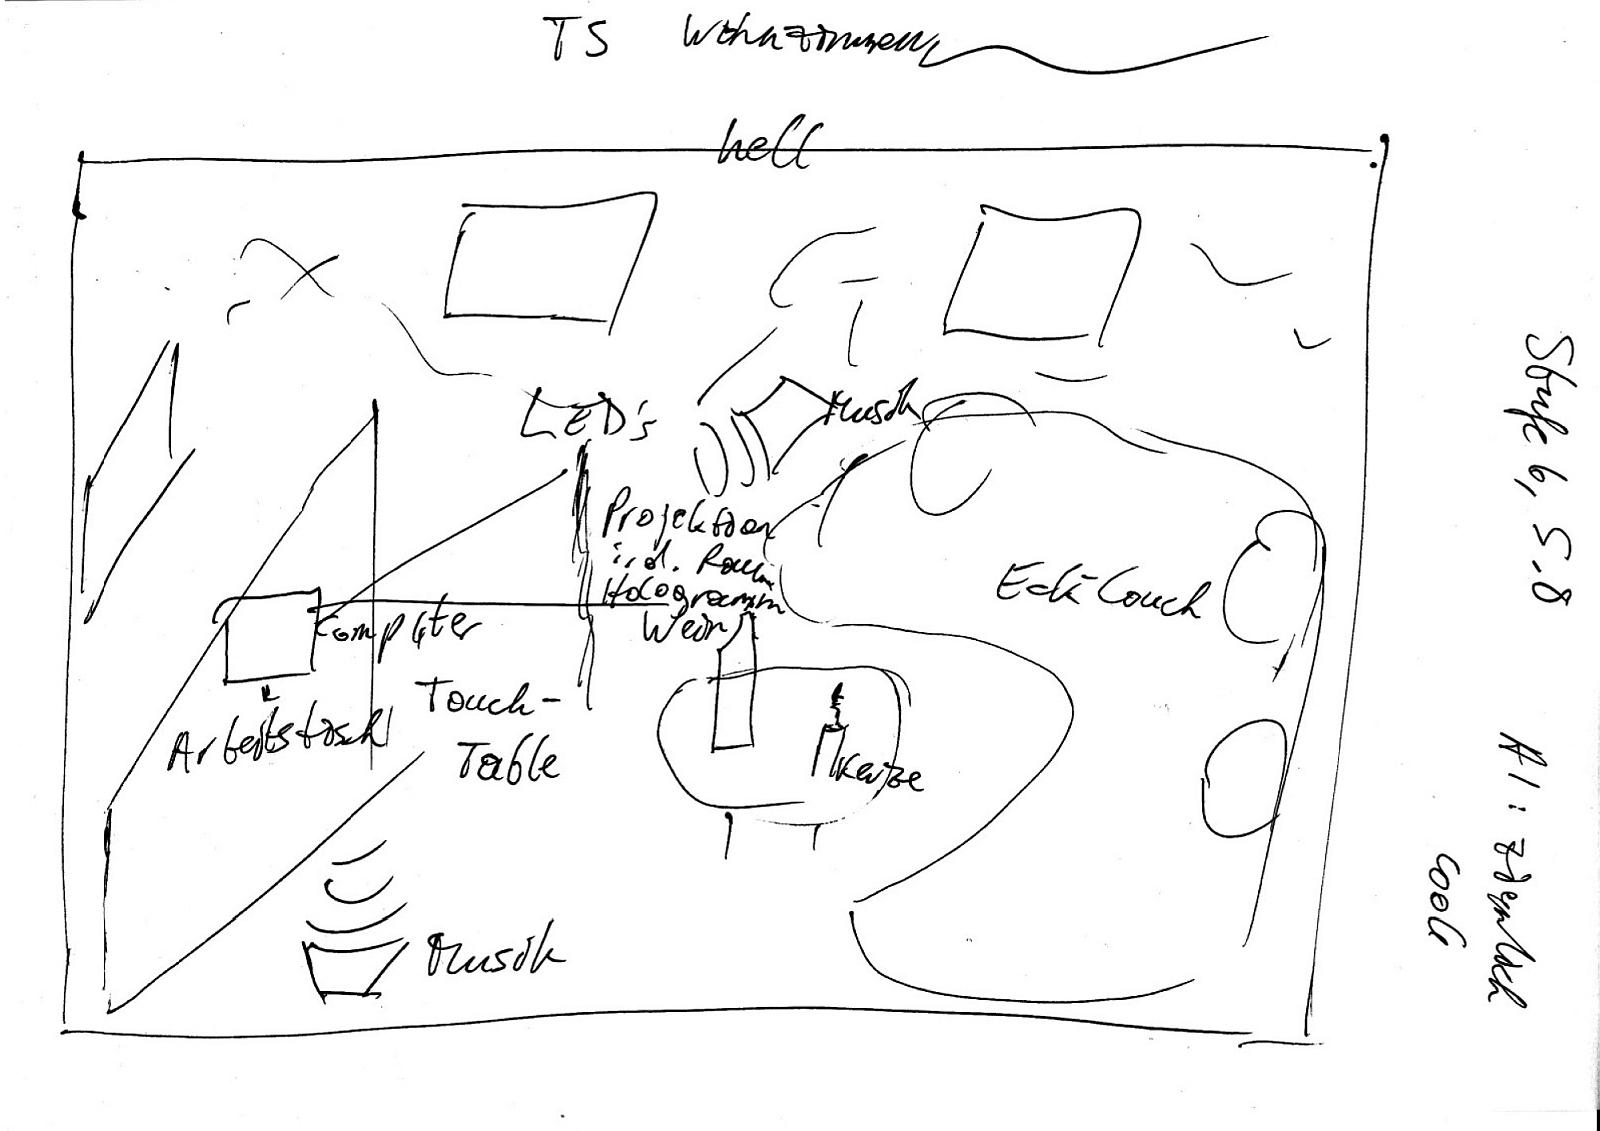 rv_zukunftsprojekt2-lebensgestaltung-wohnen_2060-skizze1